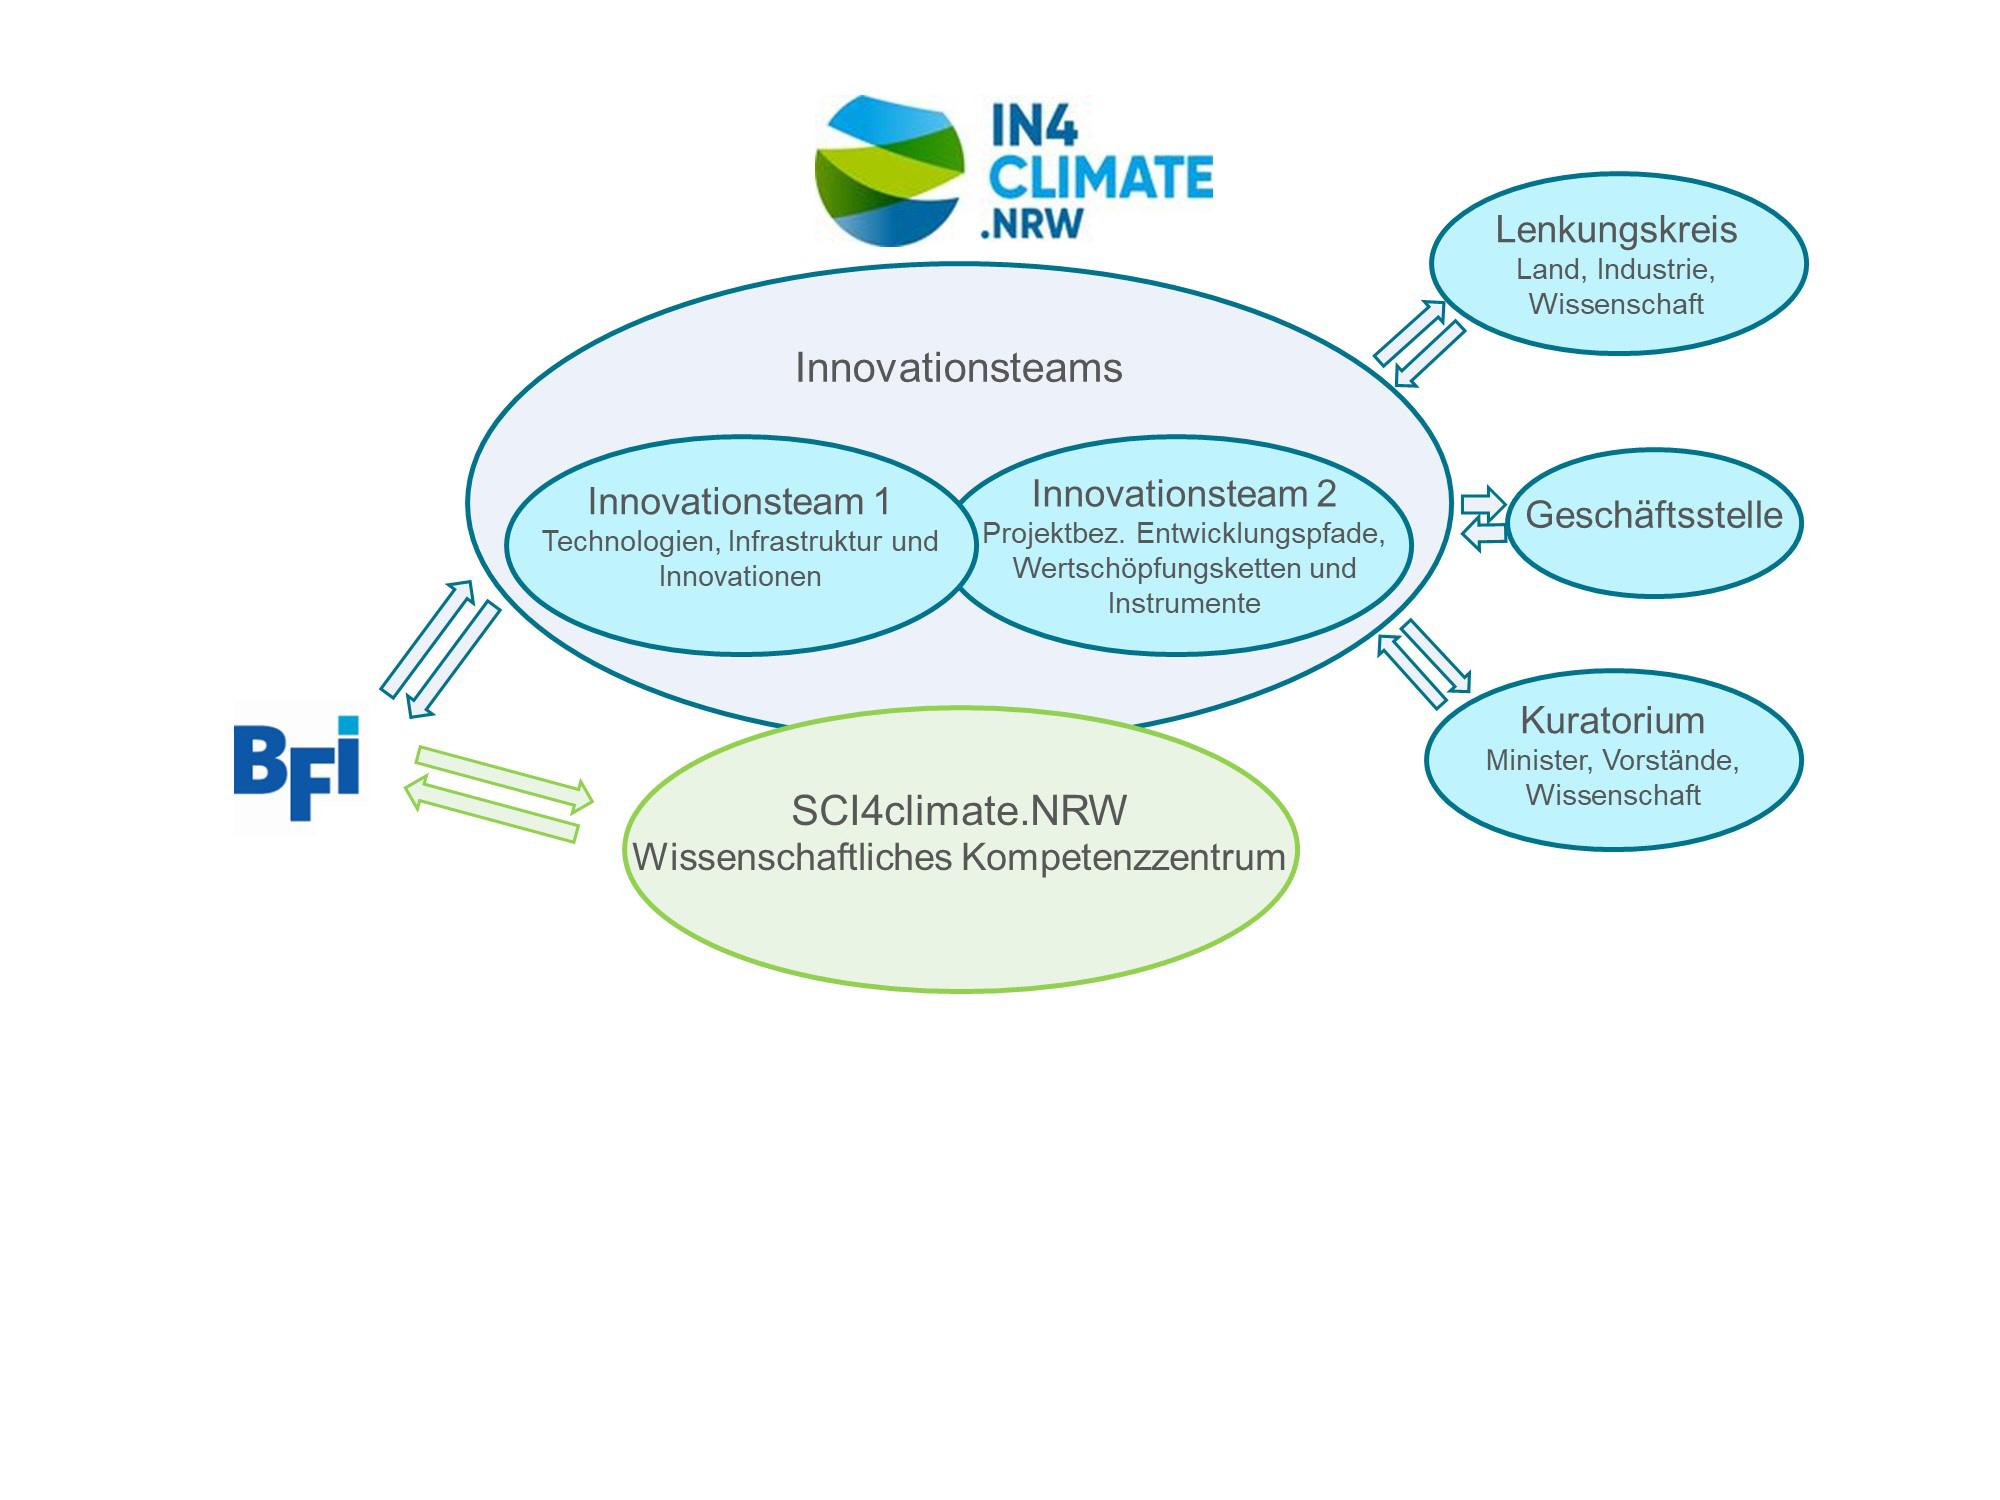 Schematische Darstellung der Mitarbeit des BFI in der Initiative IN4climate und dem Wissenschaftlichen Kompetenzzentrum